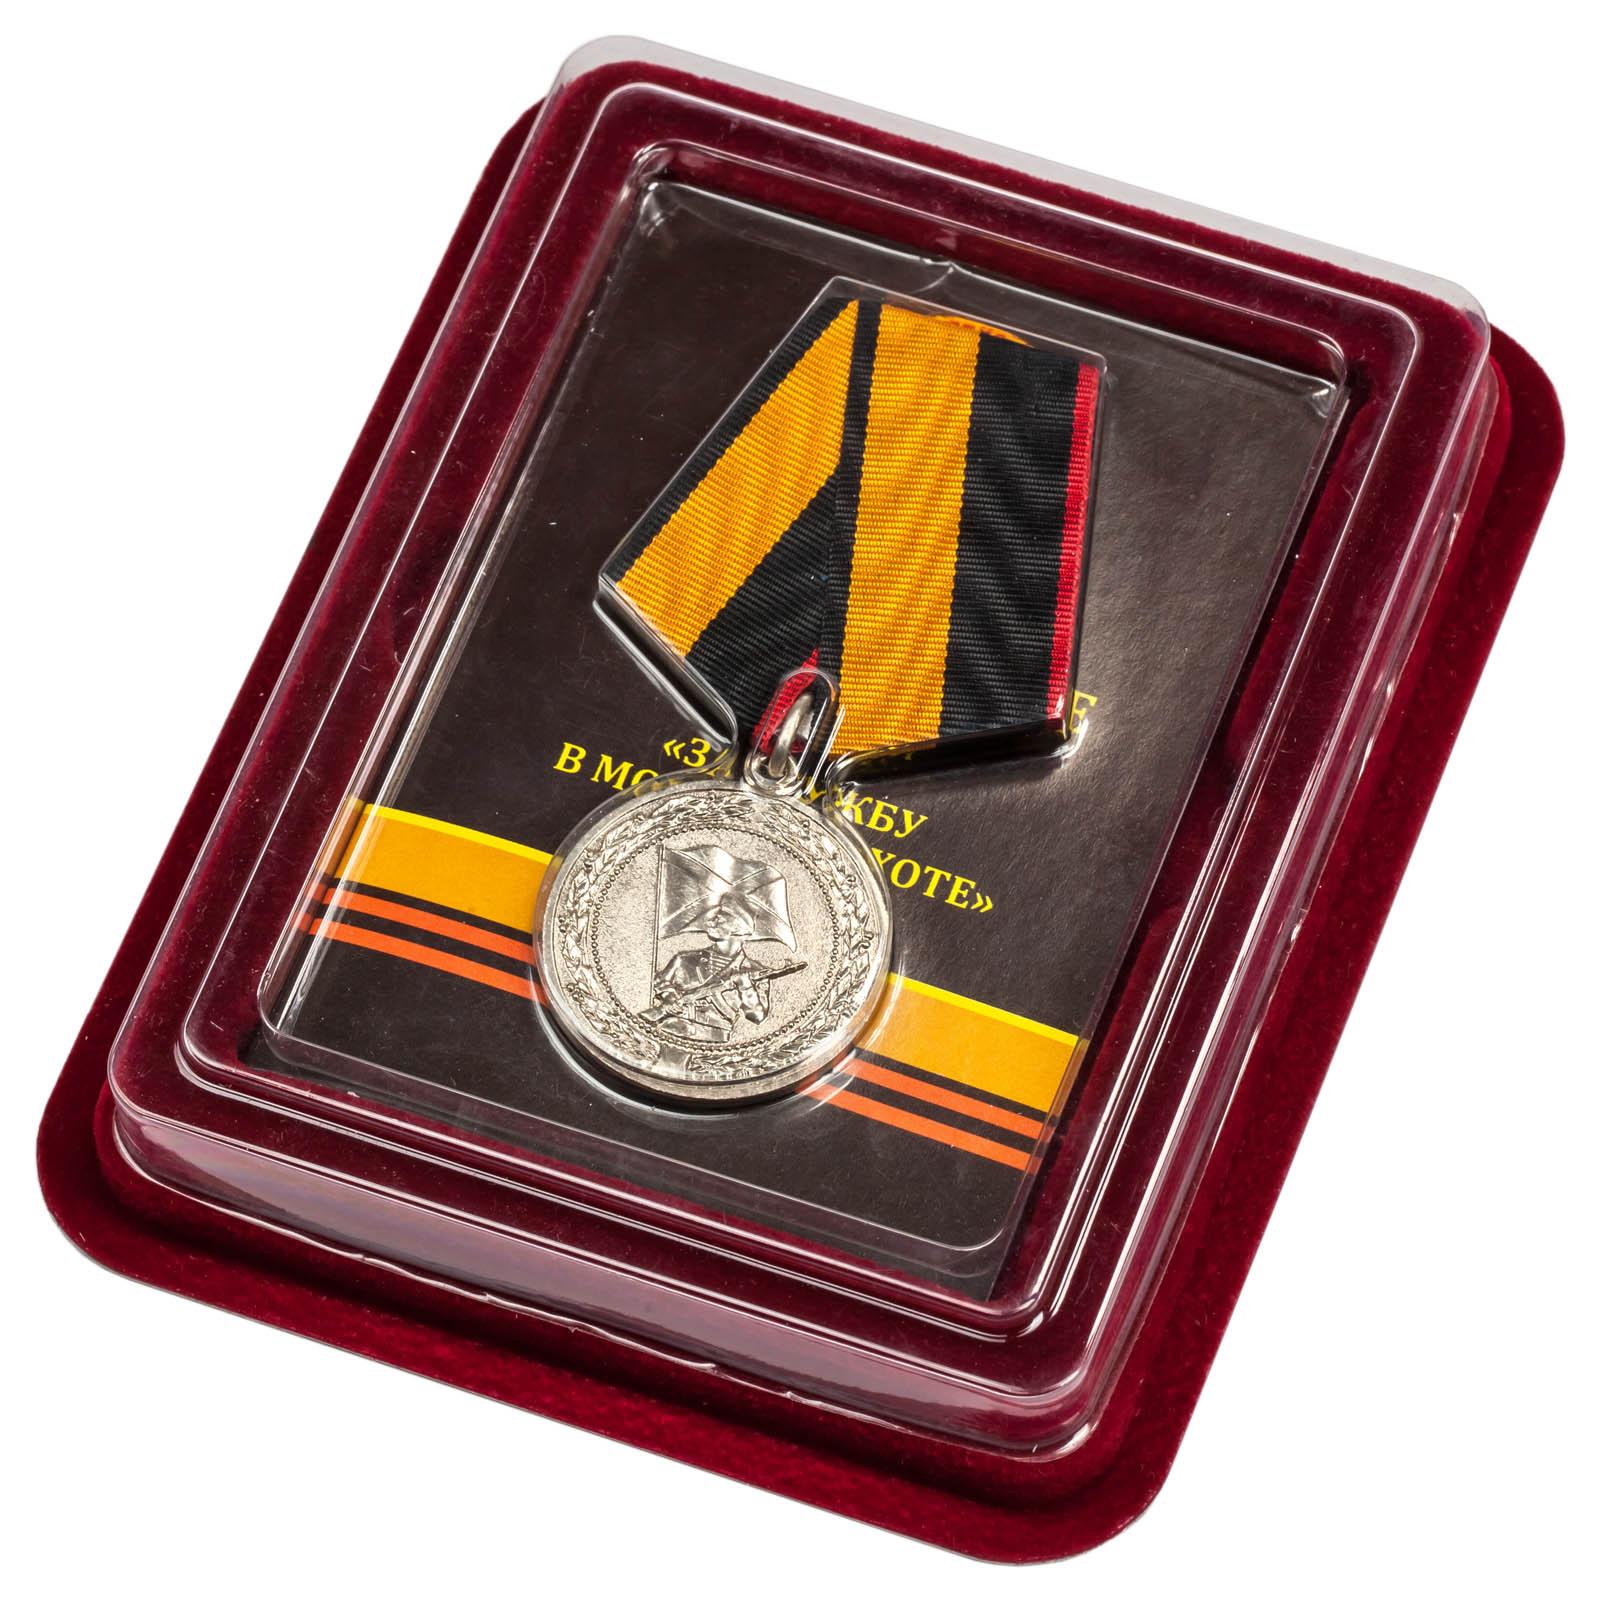 Удостоверение к медали МО РФ за службу в морской пехоте в футляре из бордового флока